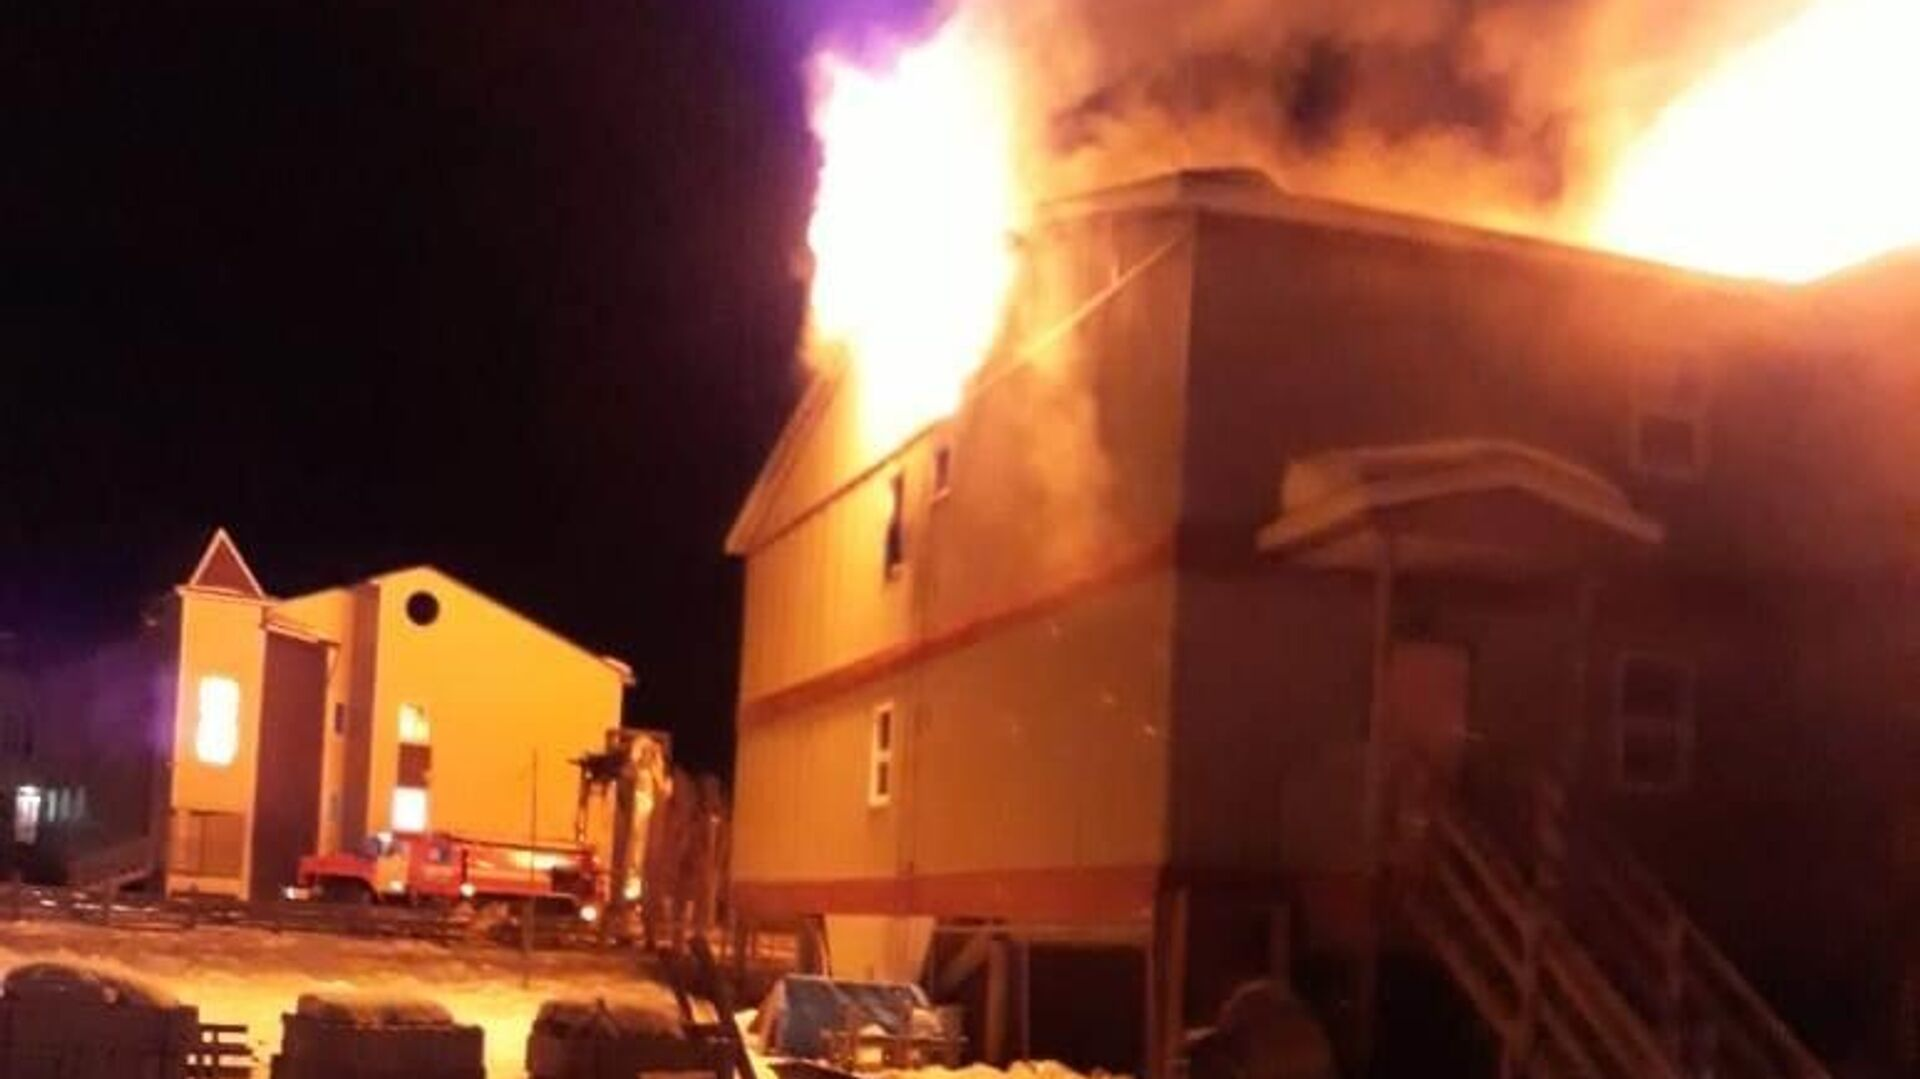 Мужчина потерял детей и жену при пожаре в якутском селе Чапаево